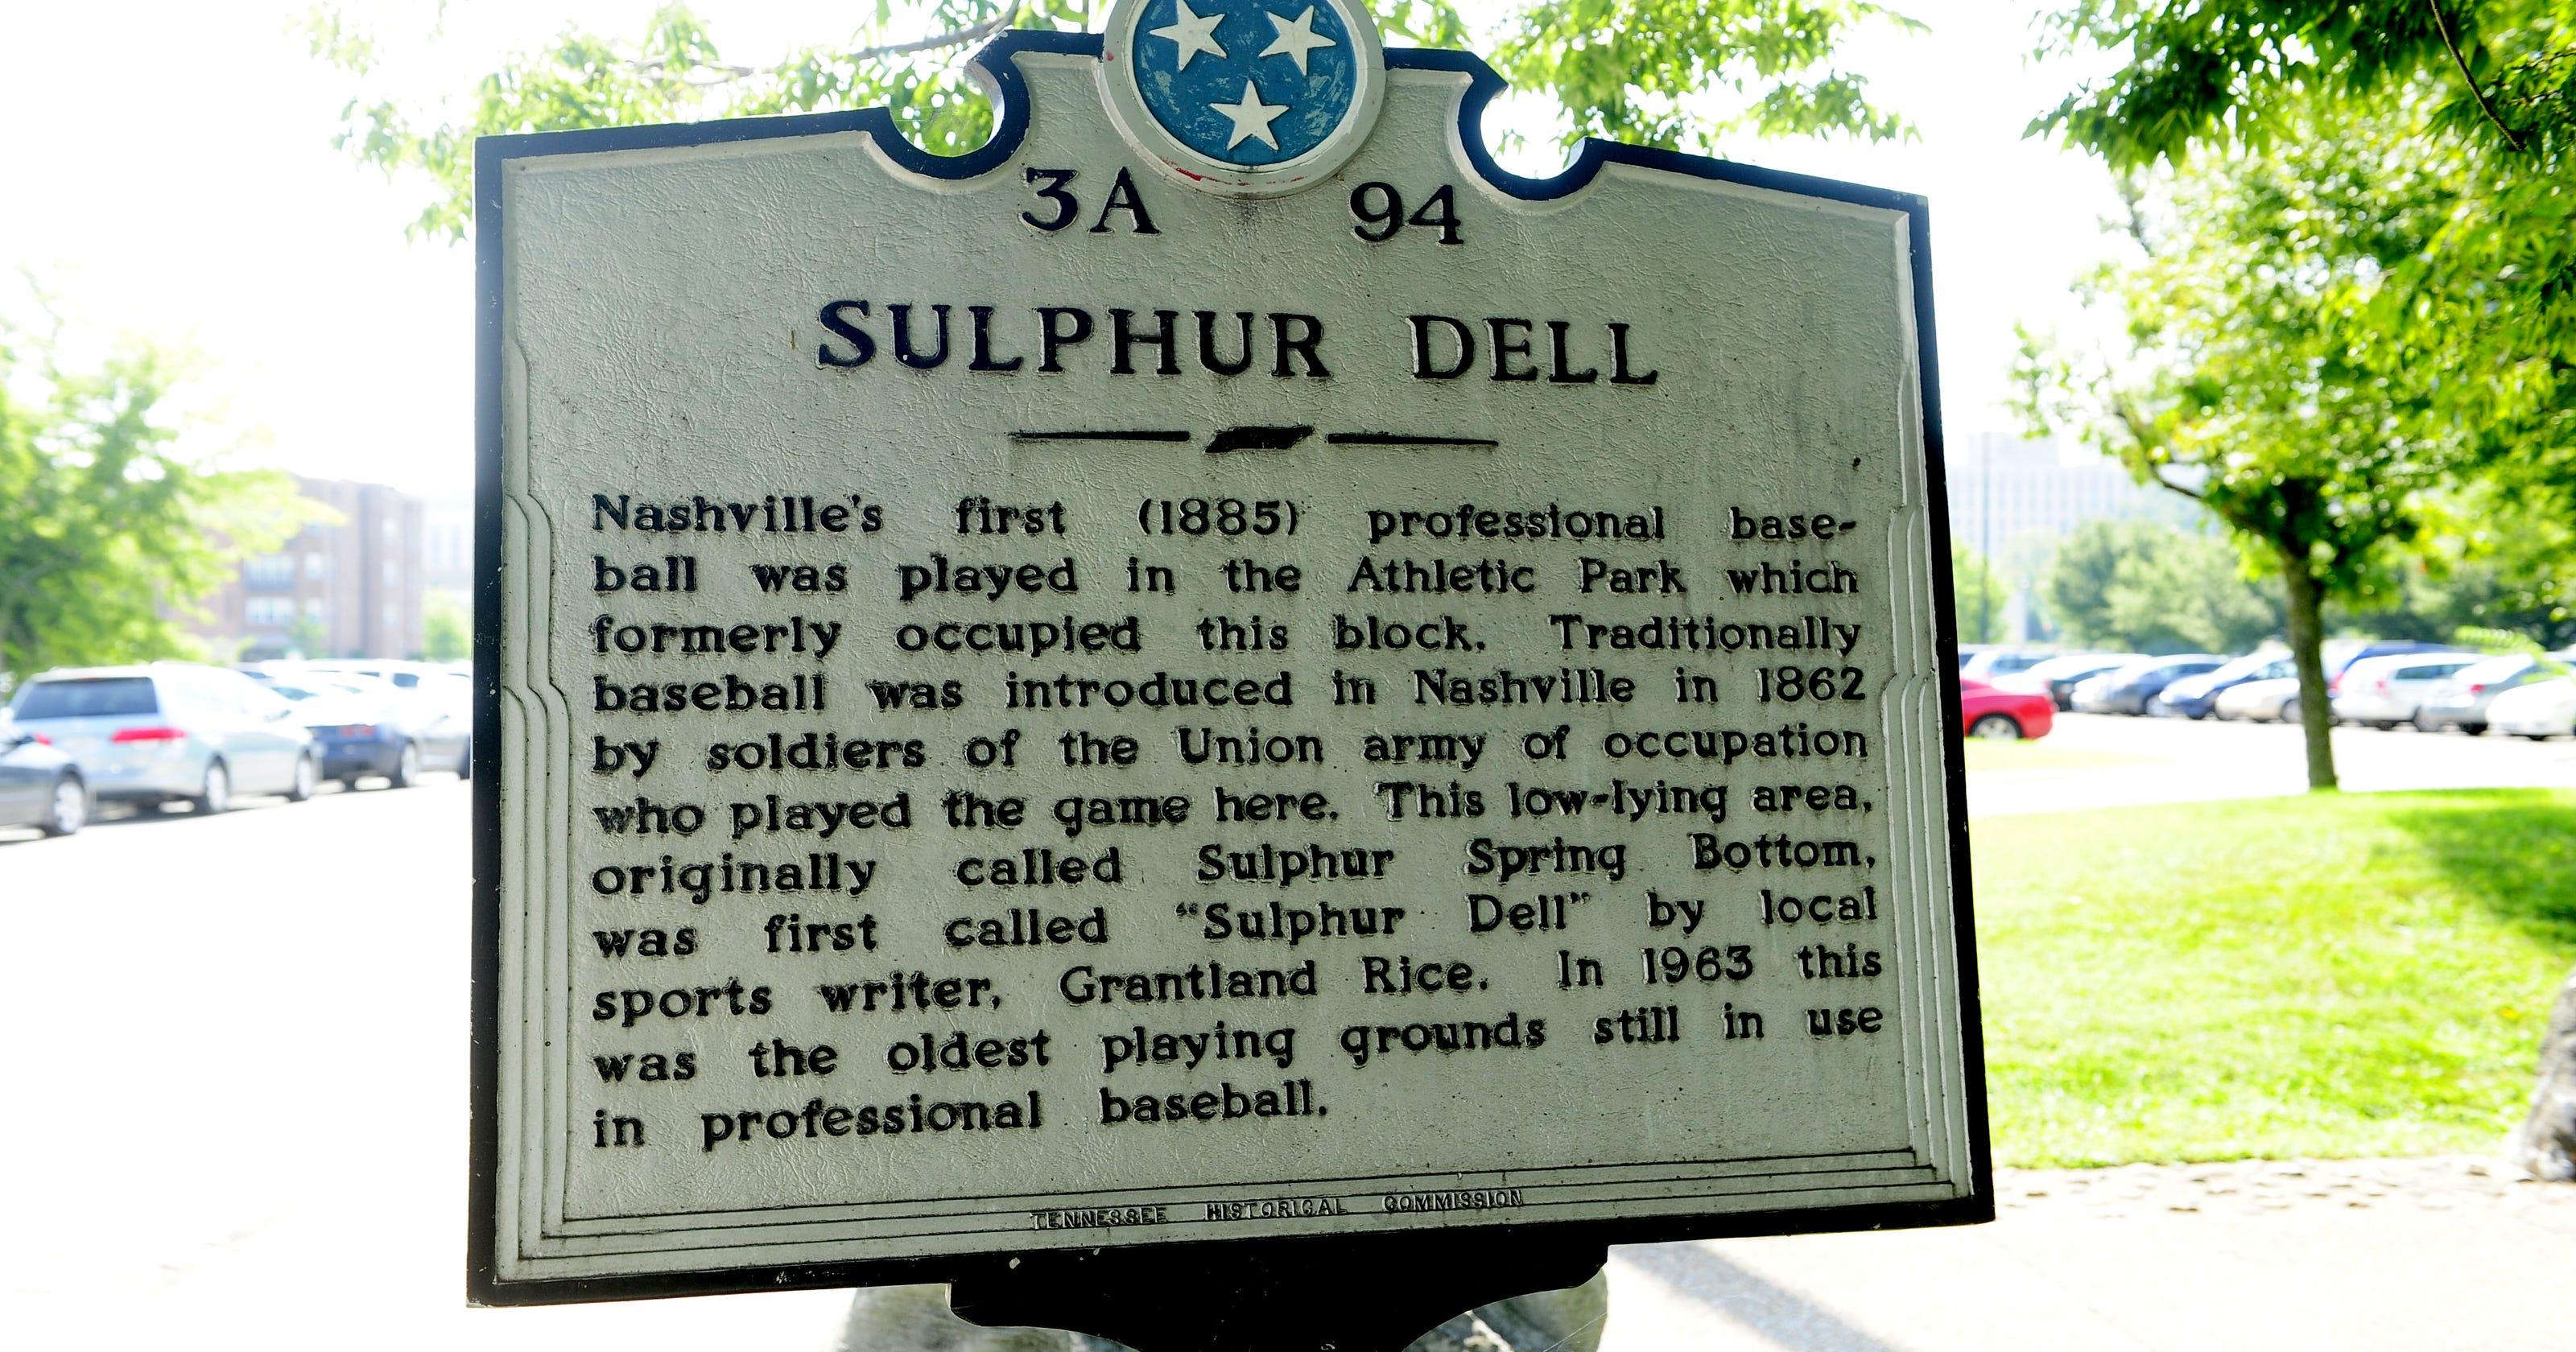 47bb88a2c33 History of baseball at Sulphur Dell